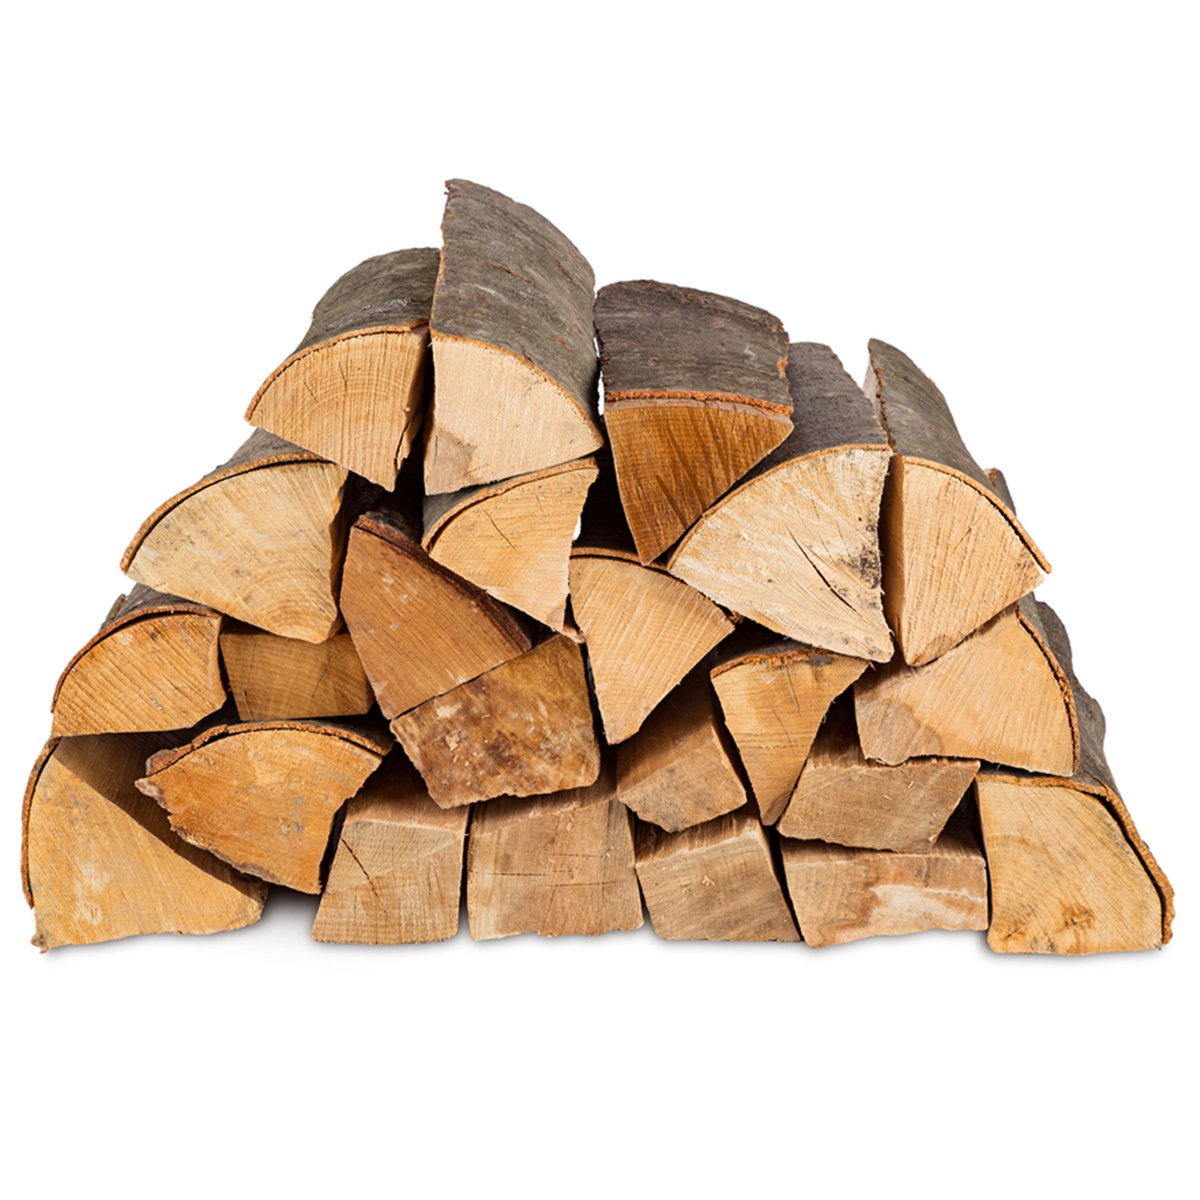 60kg (2x30kg) Brennholz Kaminholz 100% Buchenholz Buchenholz Buchenholz Feuerholz 25cm - kammergetrocknet, ofenfertig und einsatzbereit + 20 Stück Anzünder 8ebdc8